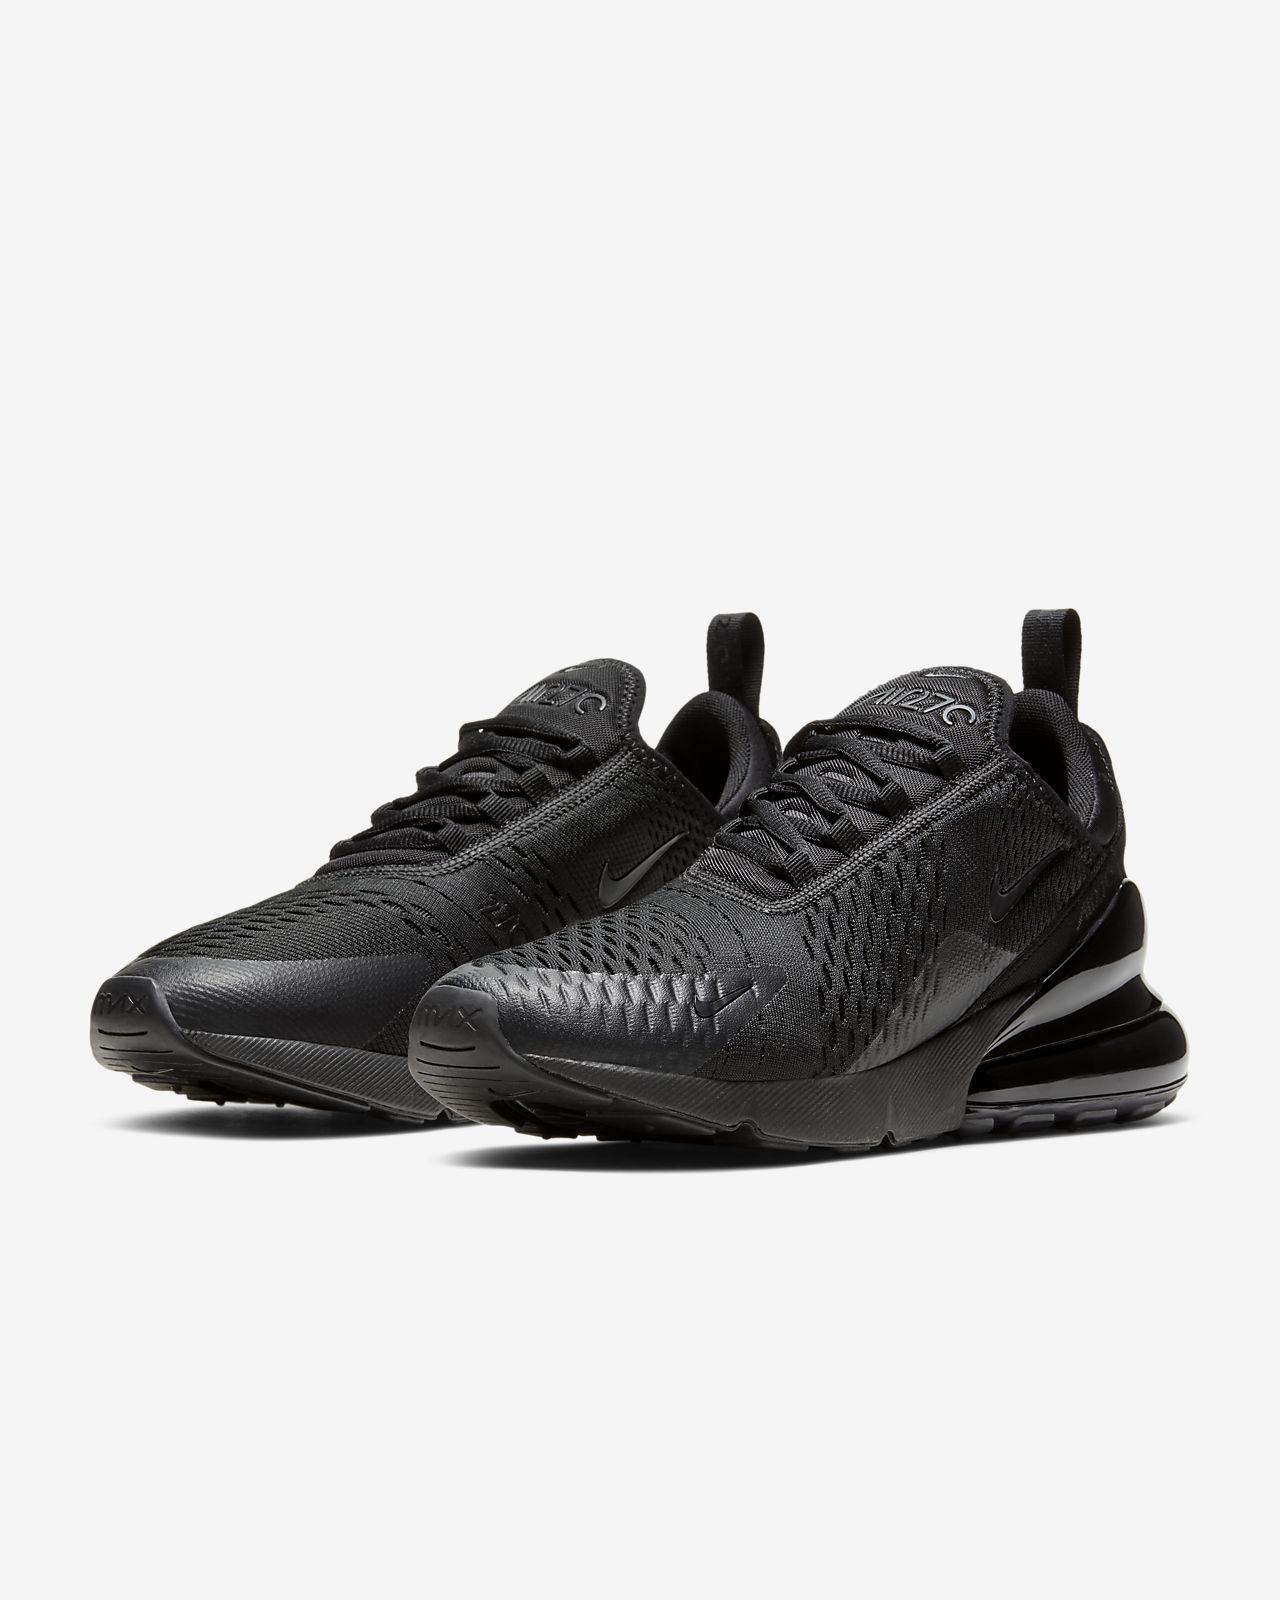 timeless design 7faa1 03fe7 ... Calzado para hombre Nike Air Max 270